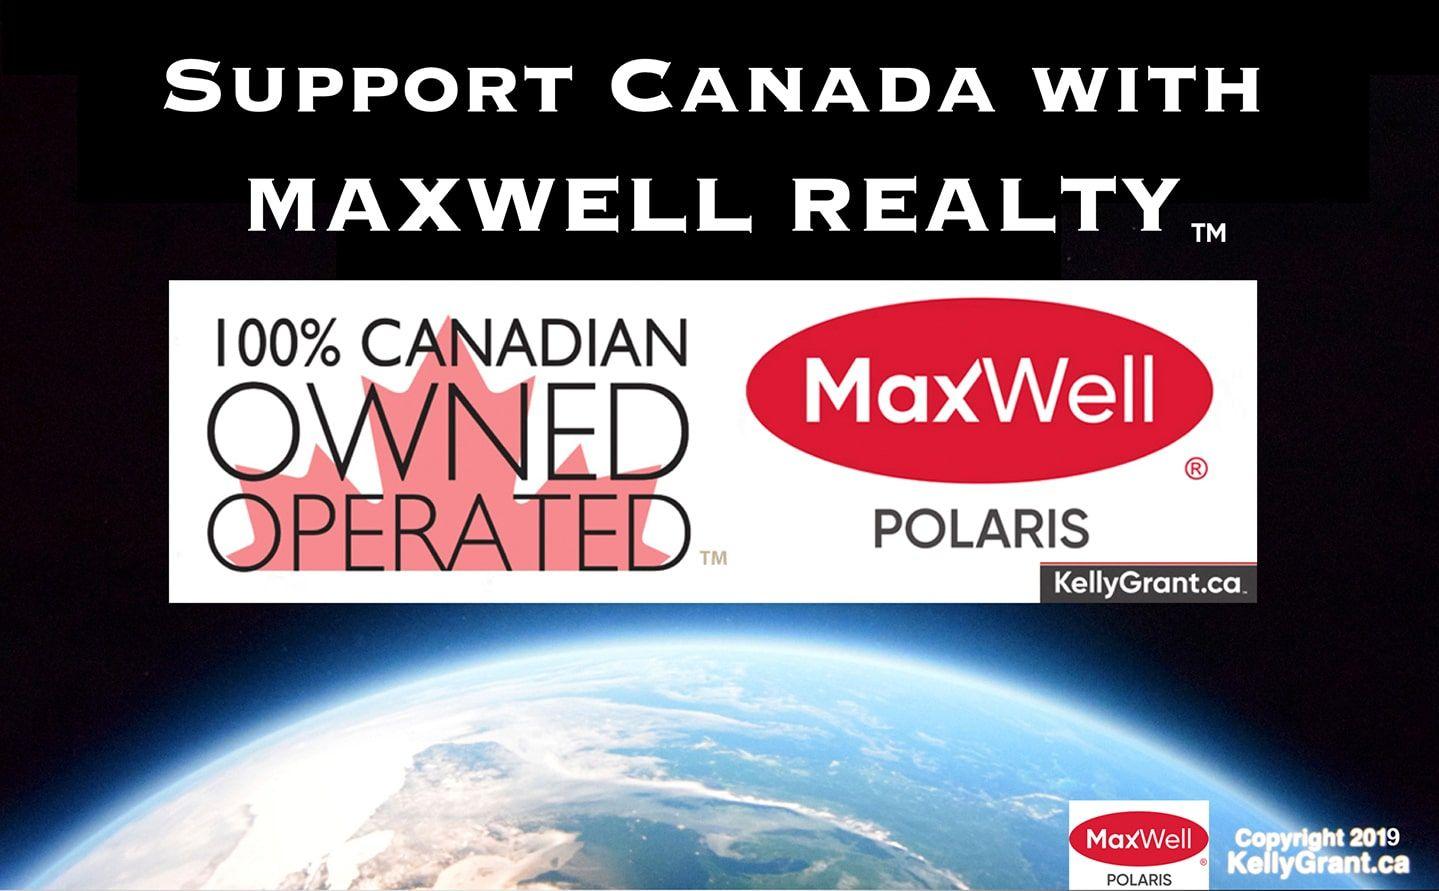 #52-KG Support Canada MaxWell 100% O&O.jpg